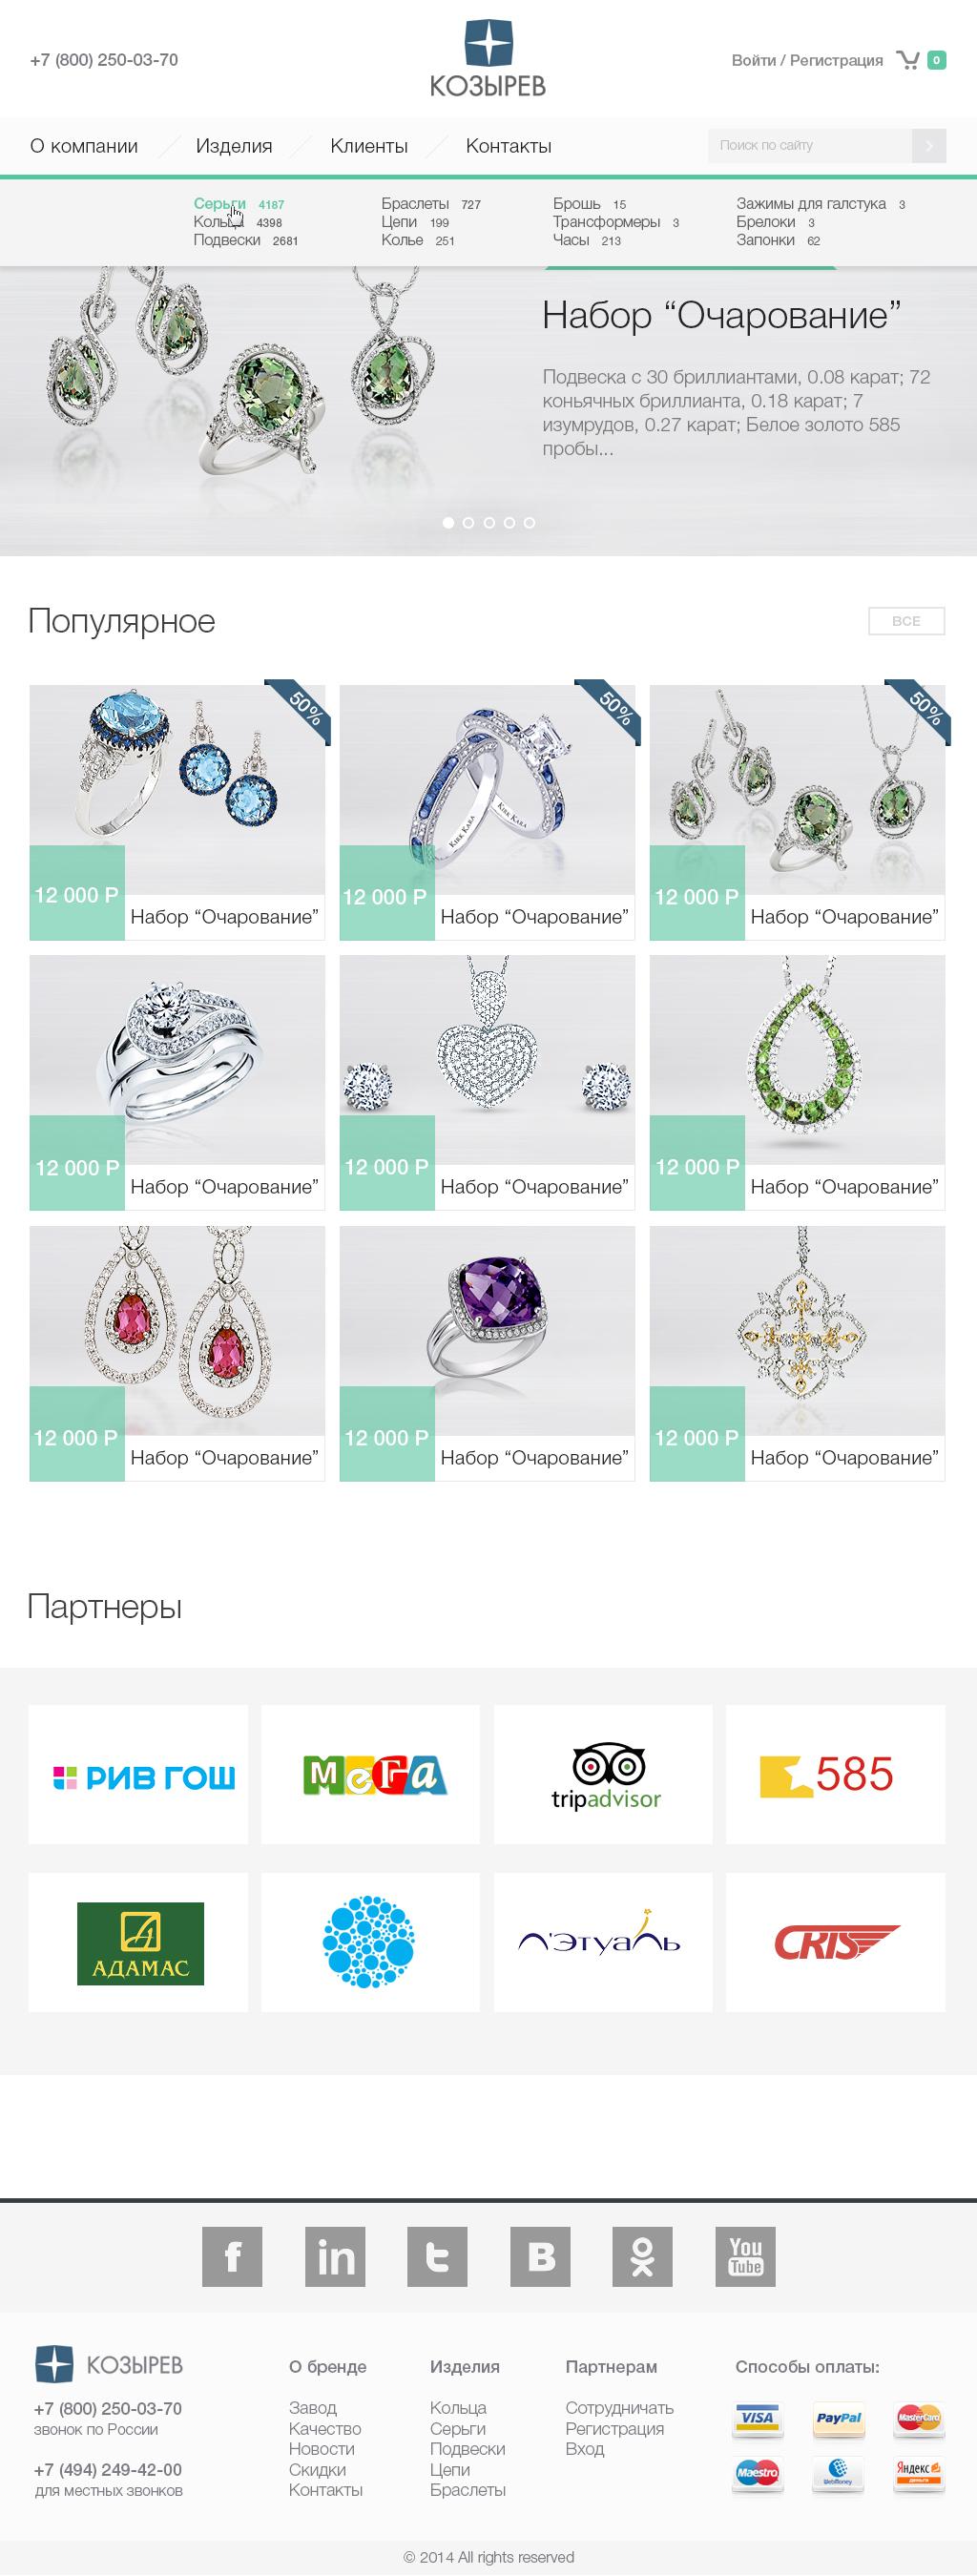 Дизайн сайта для ювелирной компании